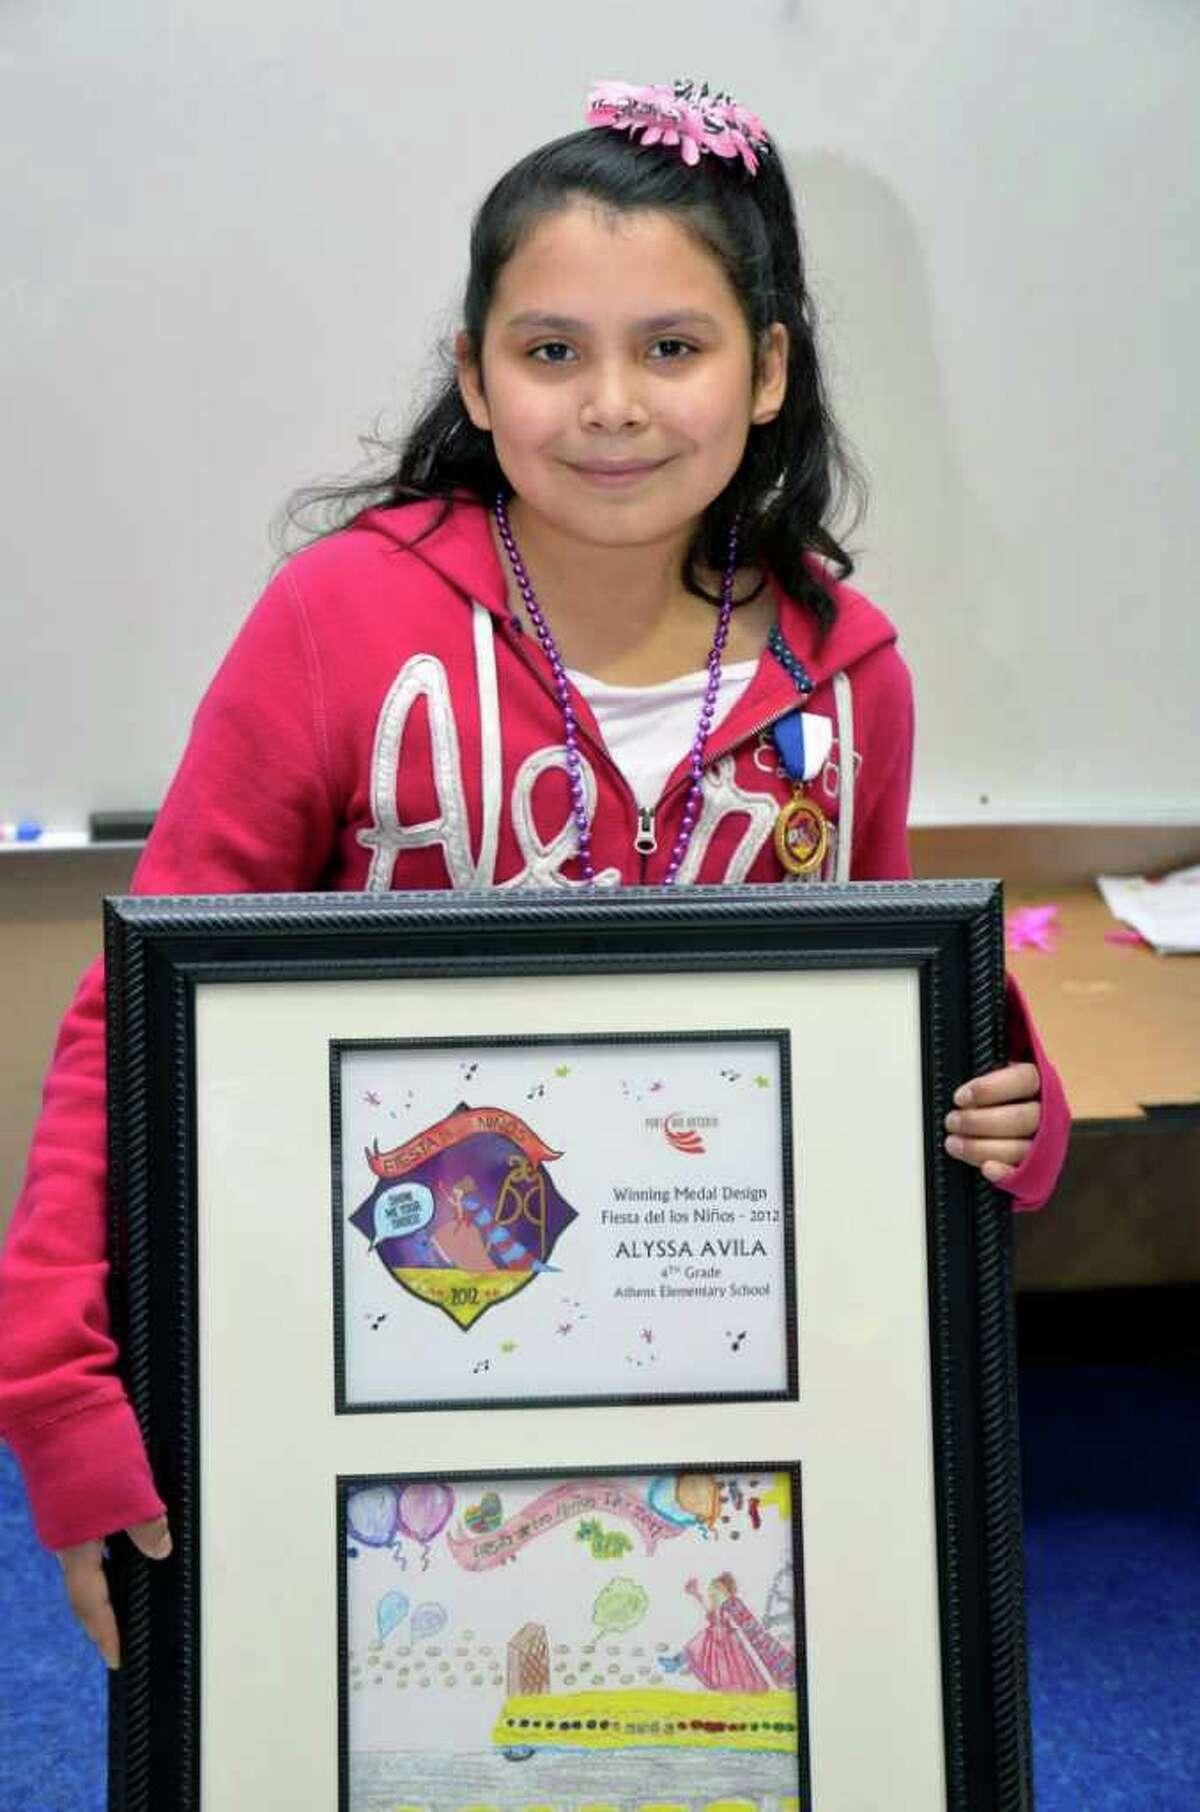 Alyssa Avila, a fourth-grader at Athens Elementary School, is the winner of the 2012 Fiesta de los Ninos Medal design. Courtesy Photo